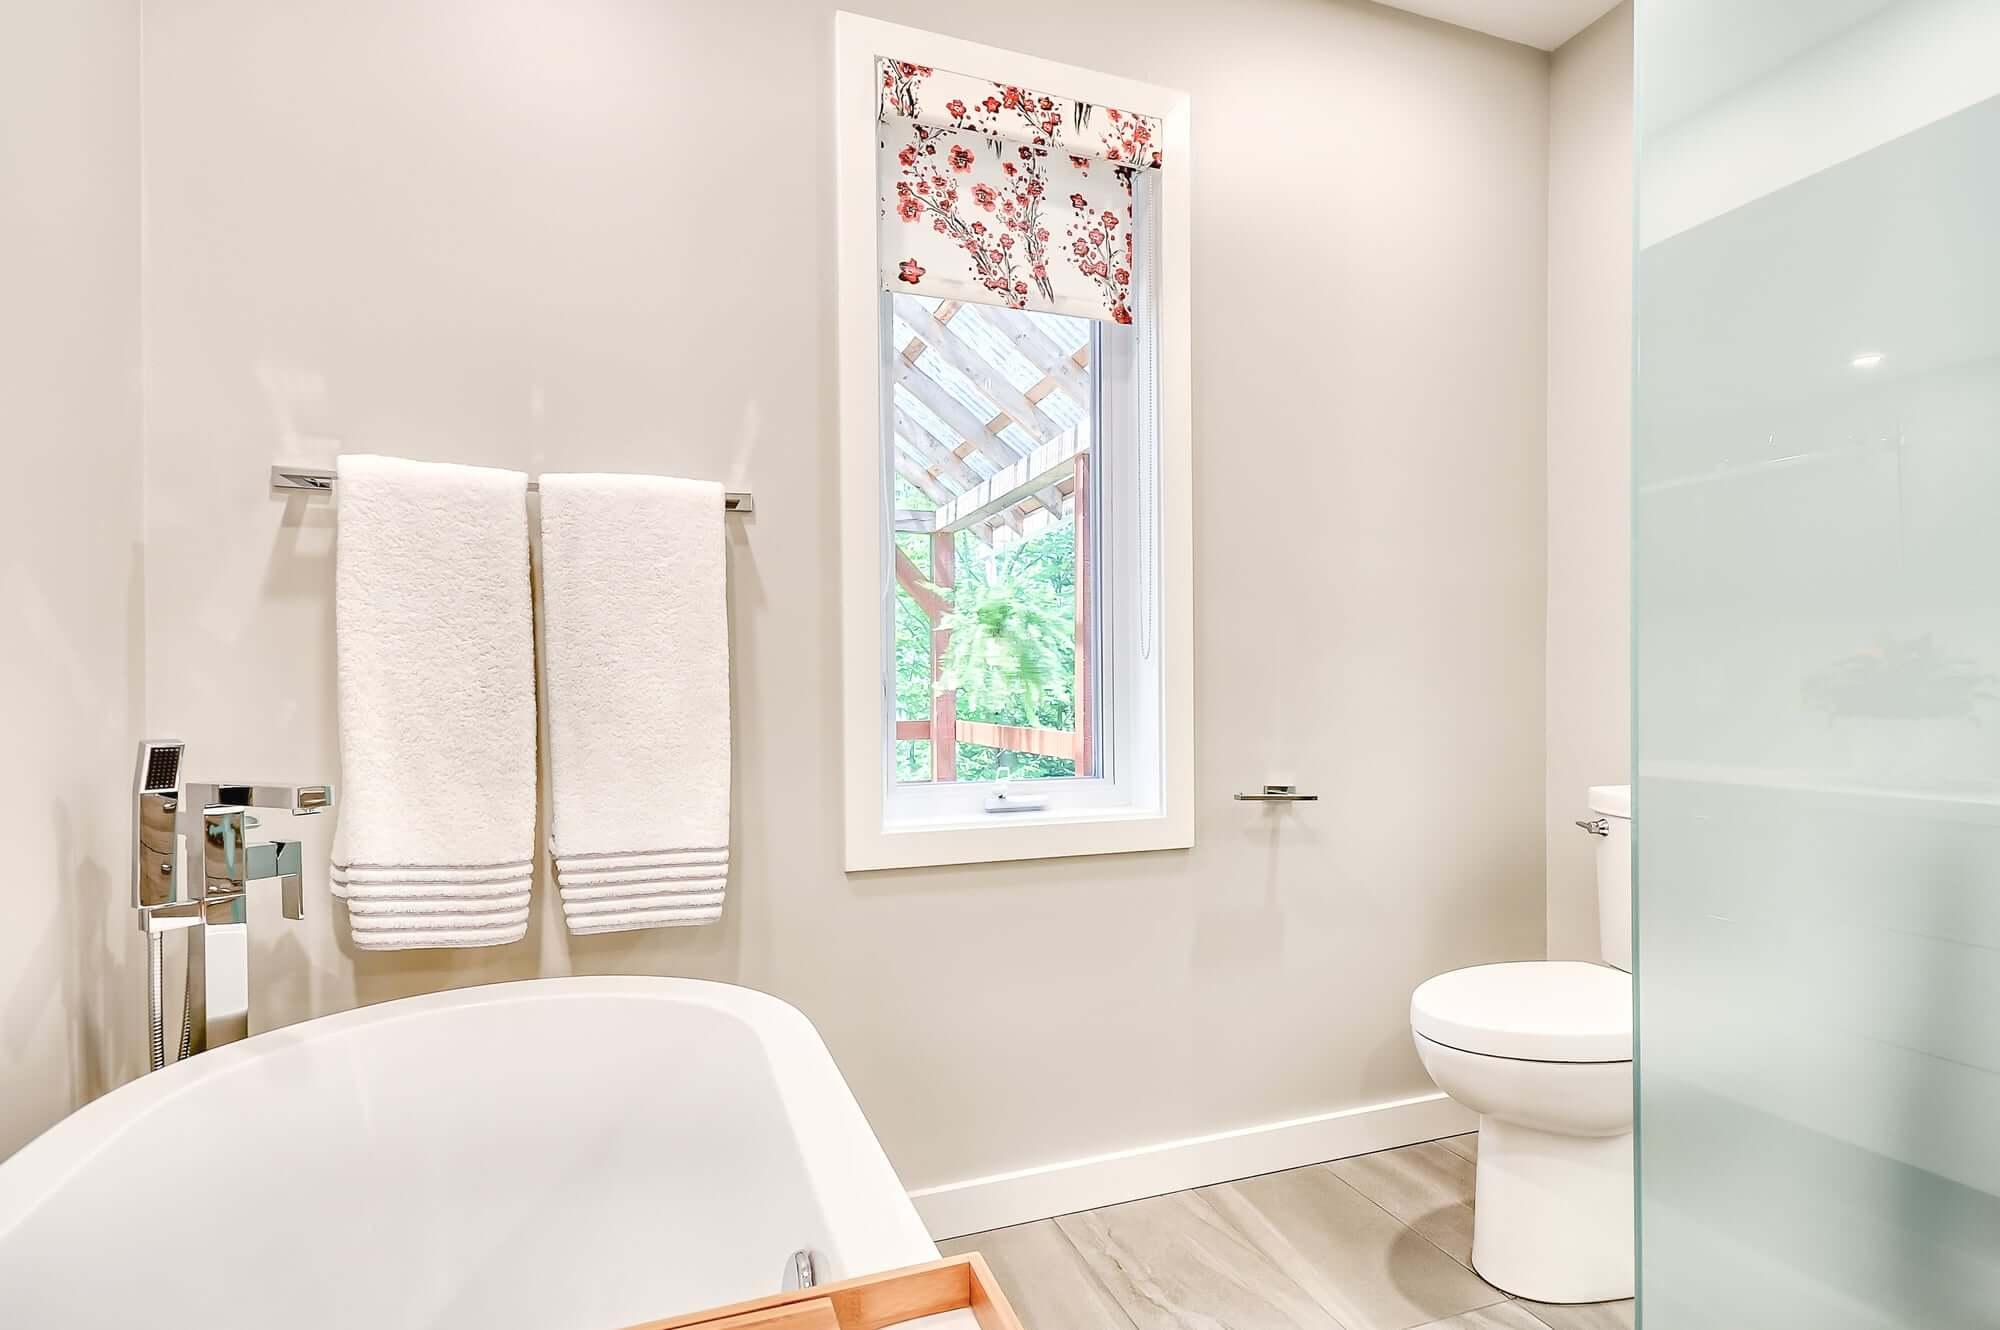 salle de bain contemporaine avec bain autoportant et douche vitrée